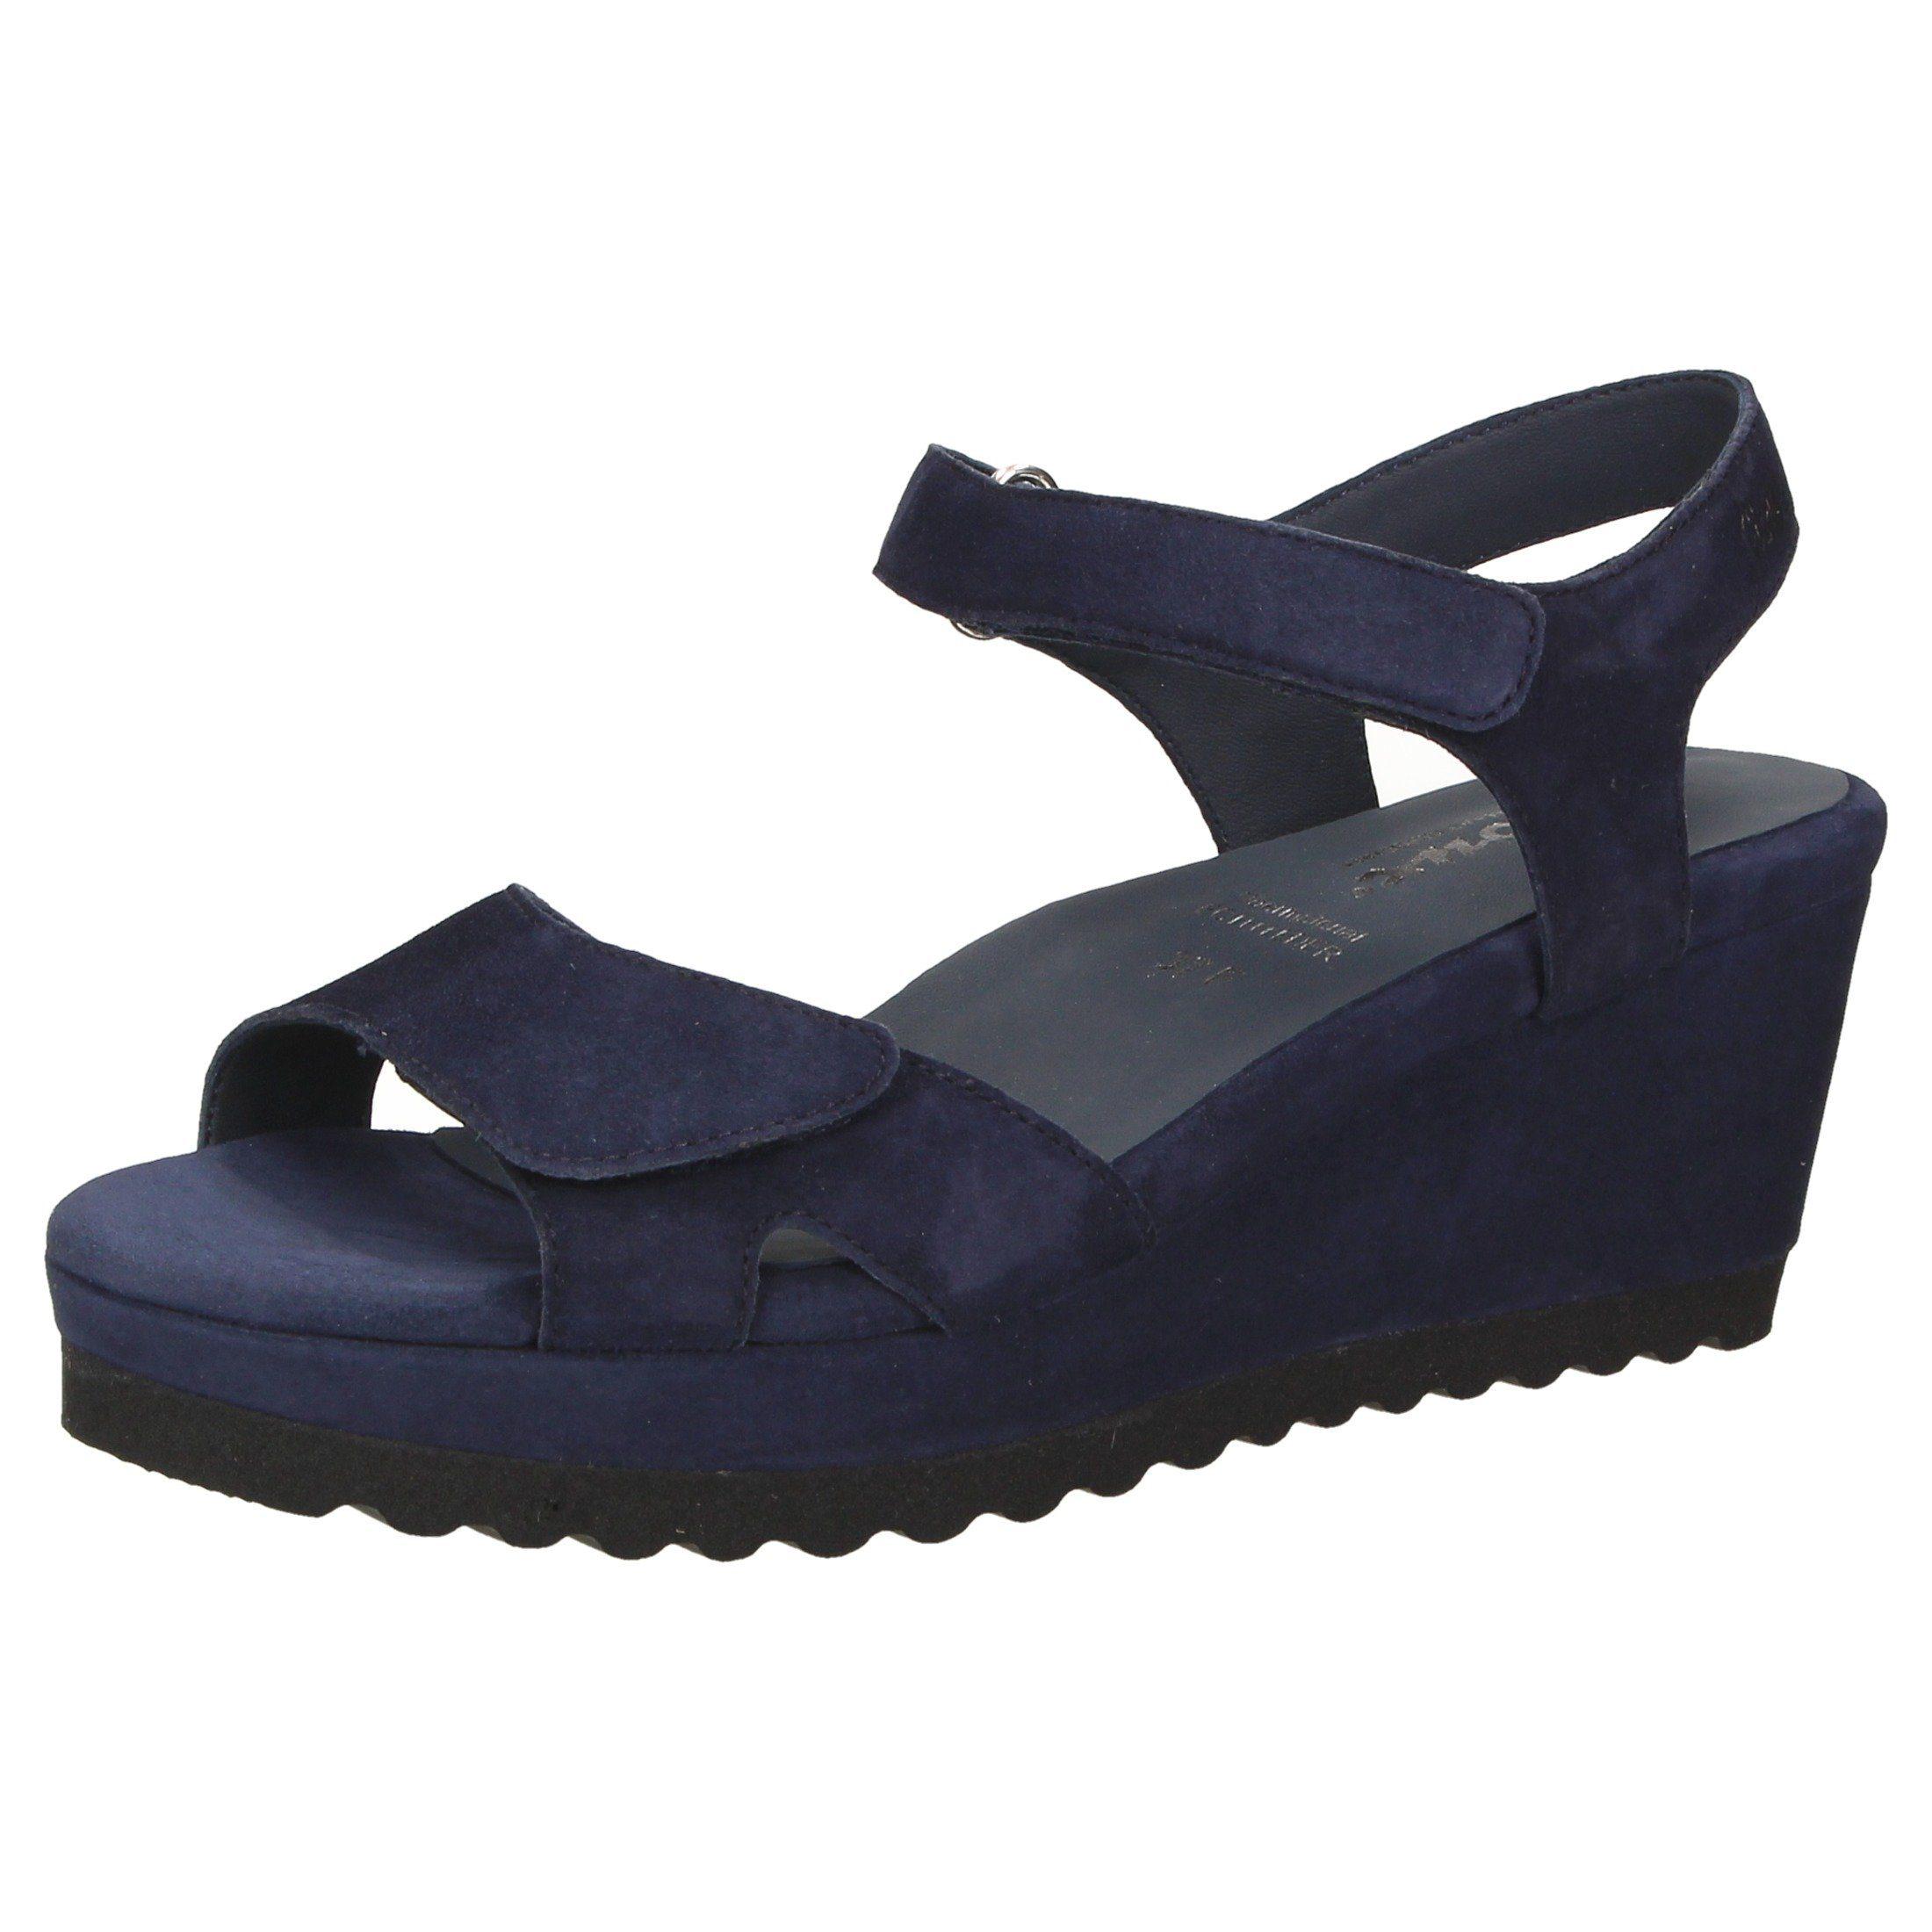 SIOUX Folinera Sandalette online kaufen  blau